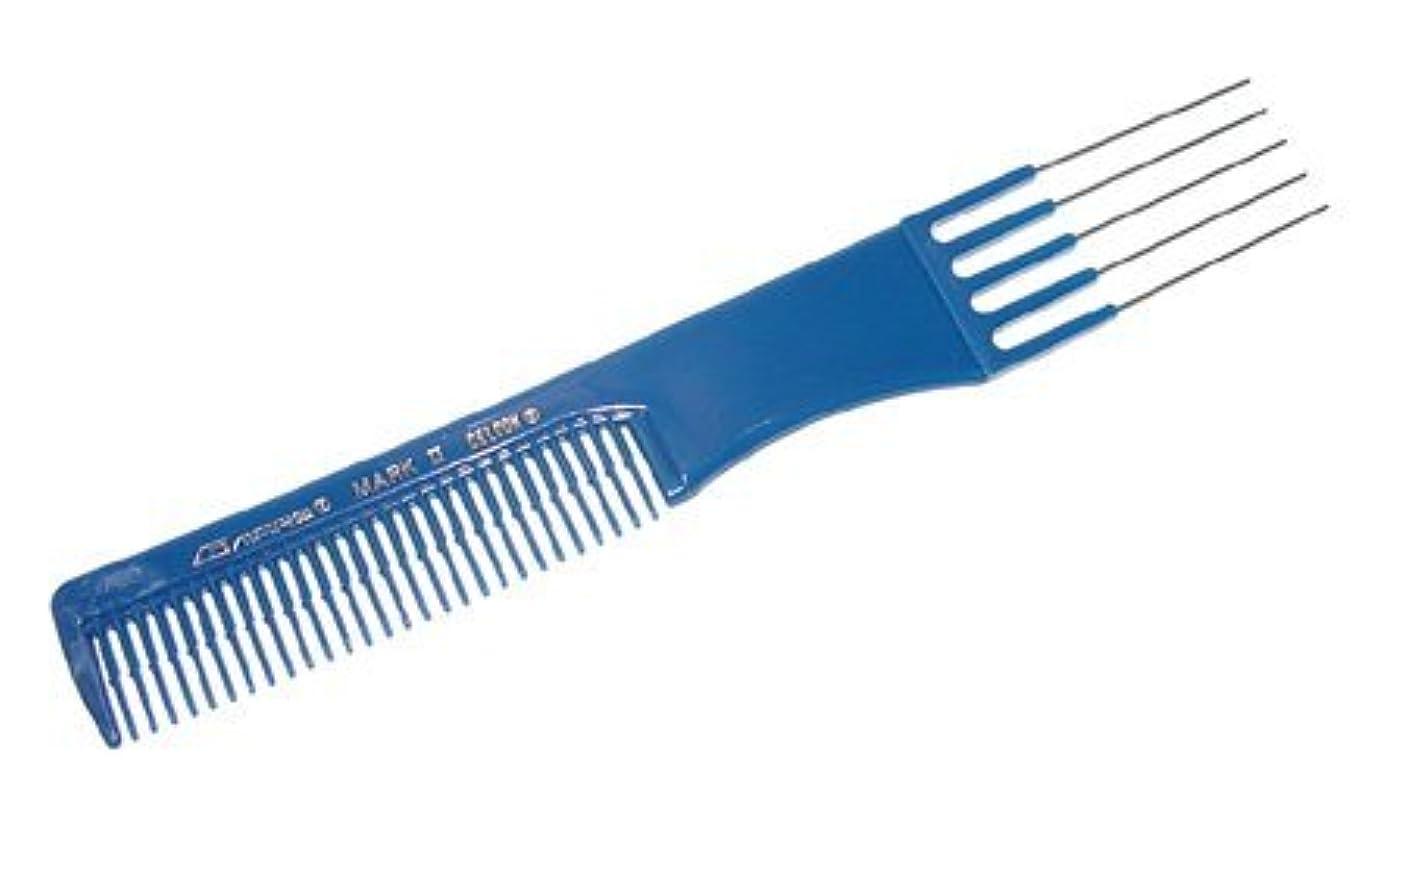 オーバーコートペフ欠如Comare Mark II Stainless Steel Lift Comb [並行輸入品]